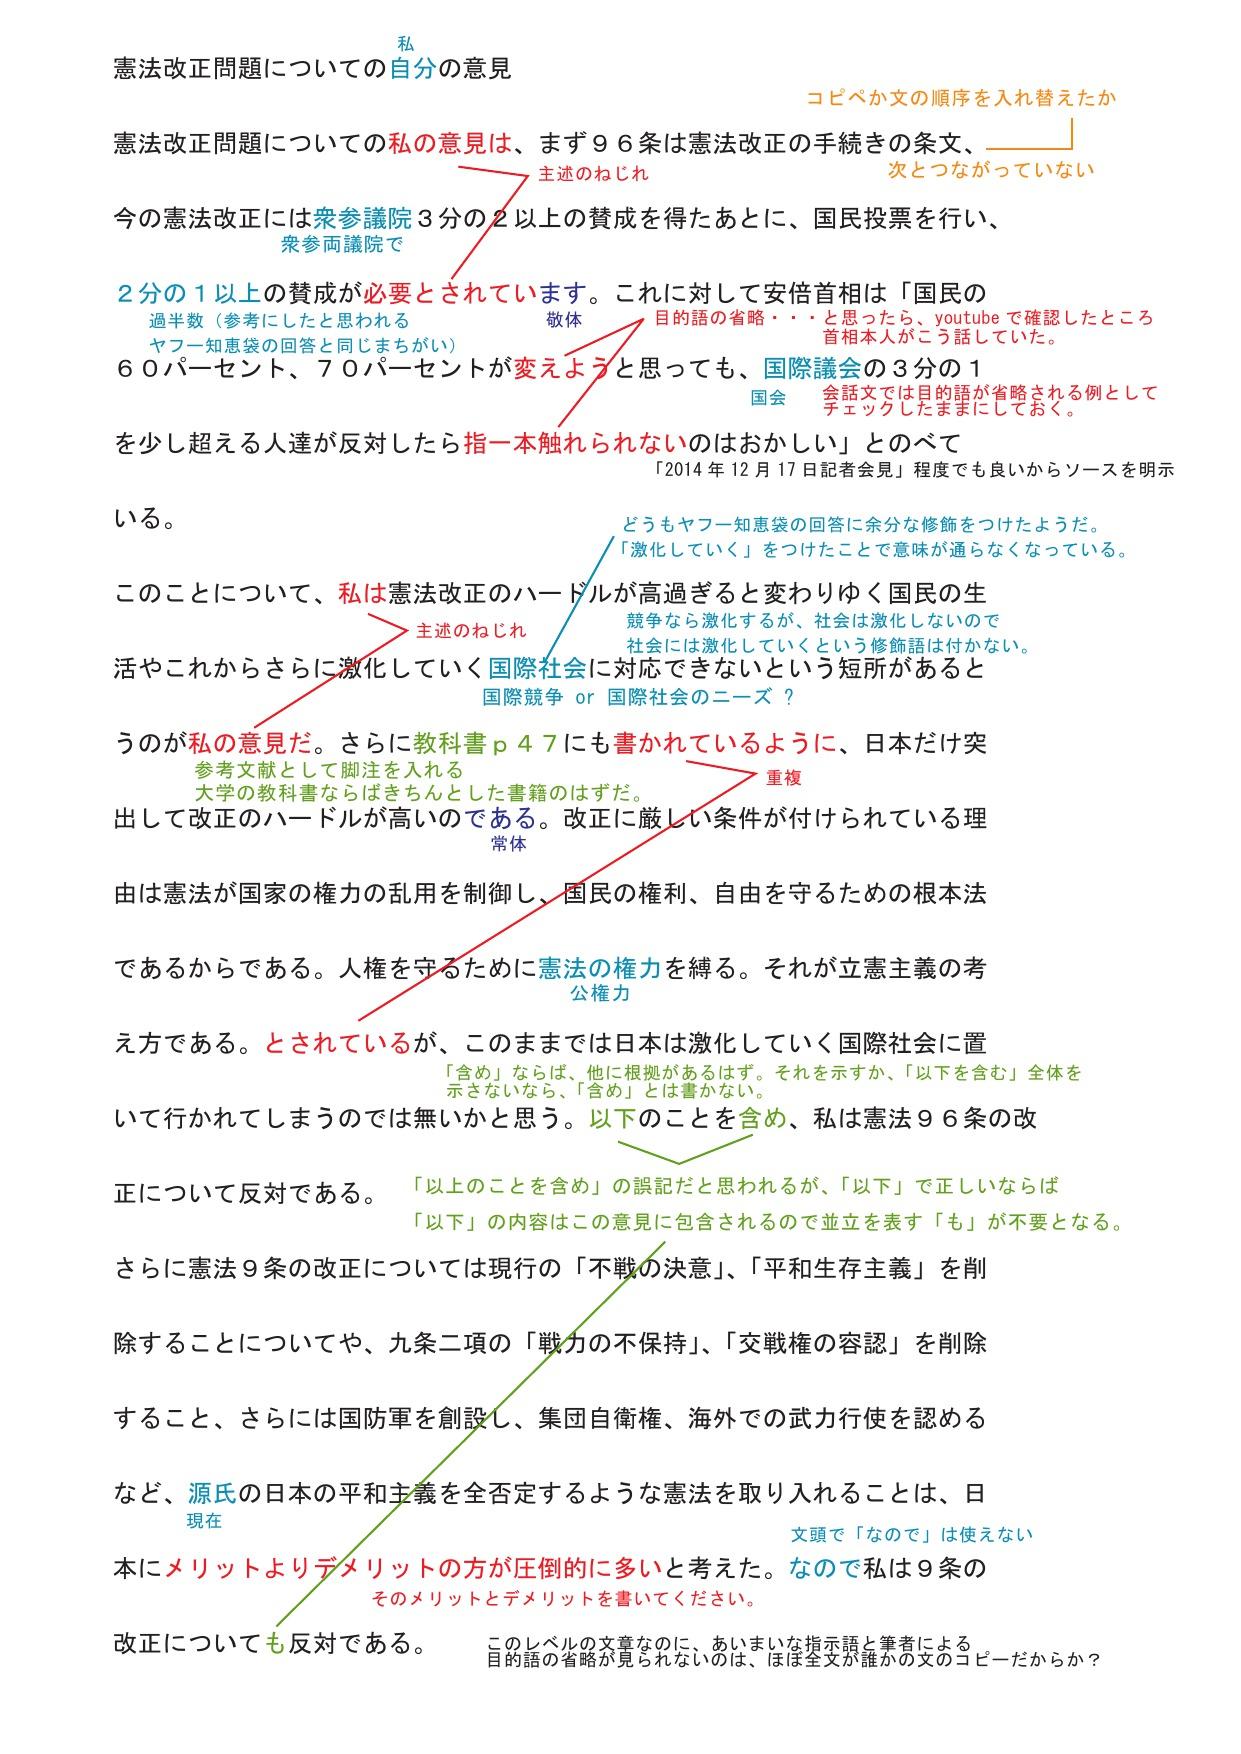 F欄大学生のレポートにチェックを入れてみた。 | 松阪市の学習 ...